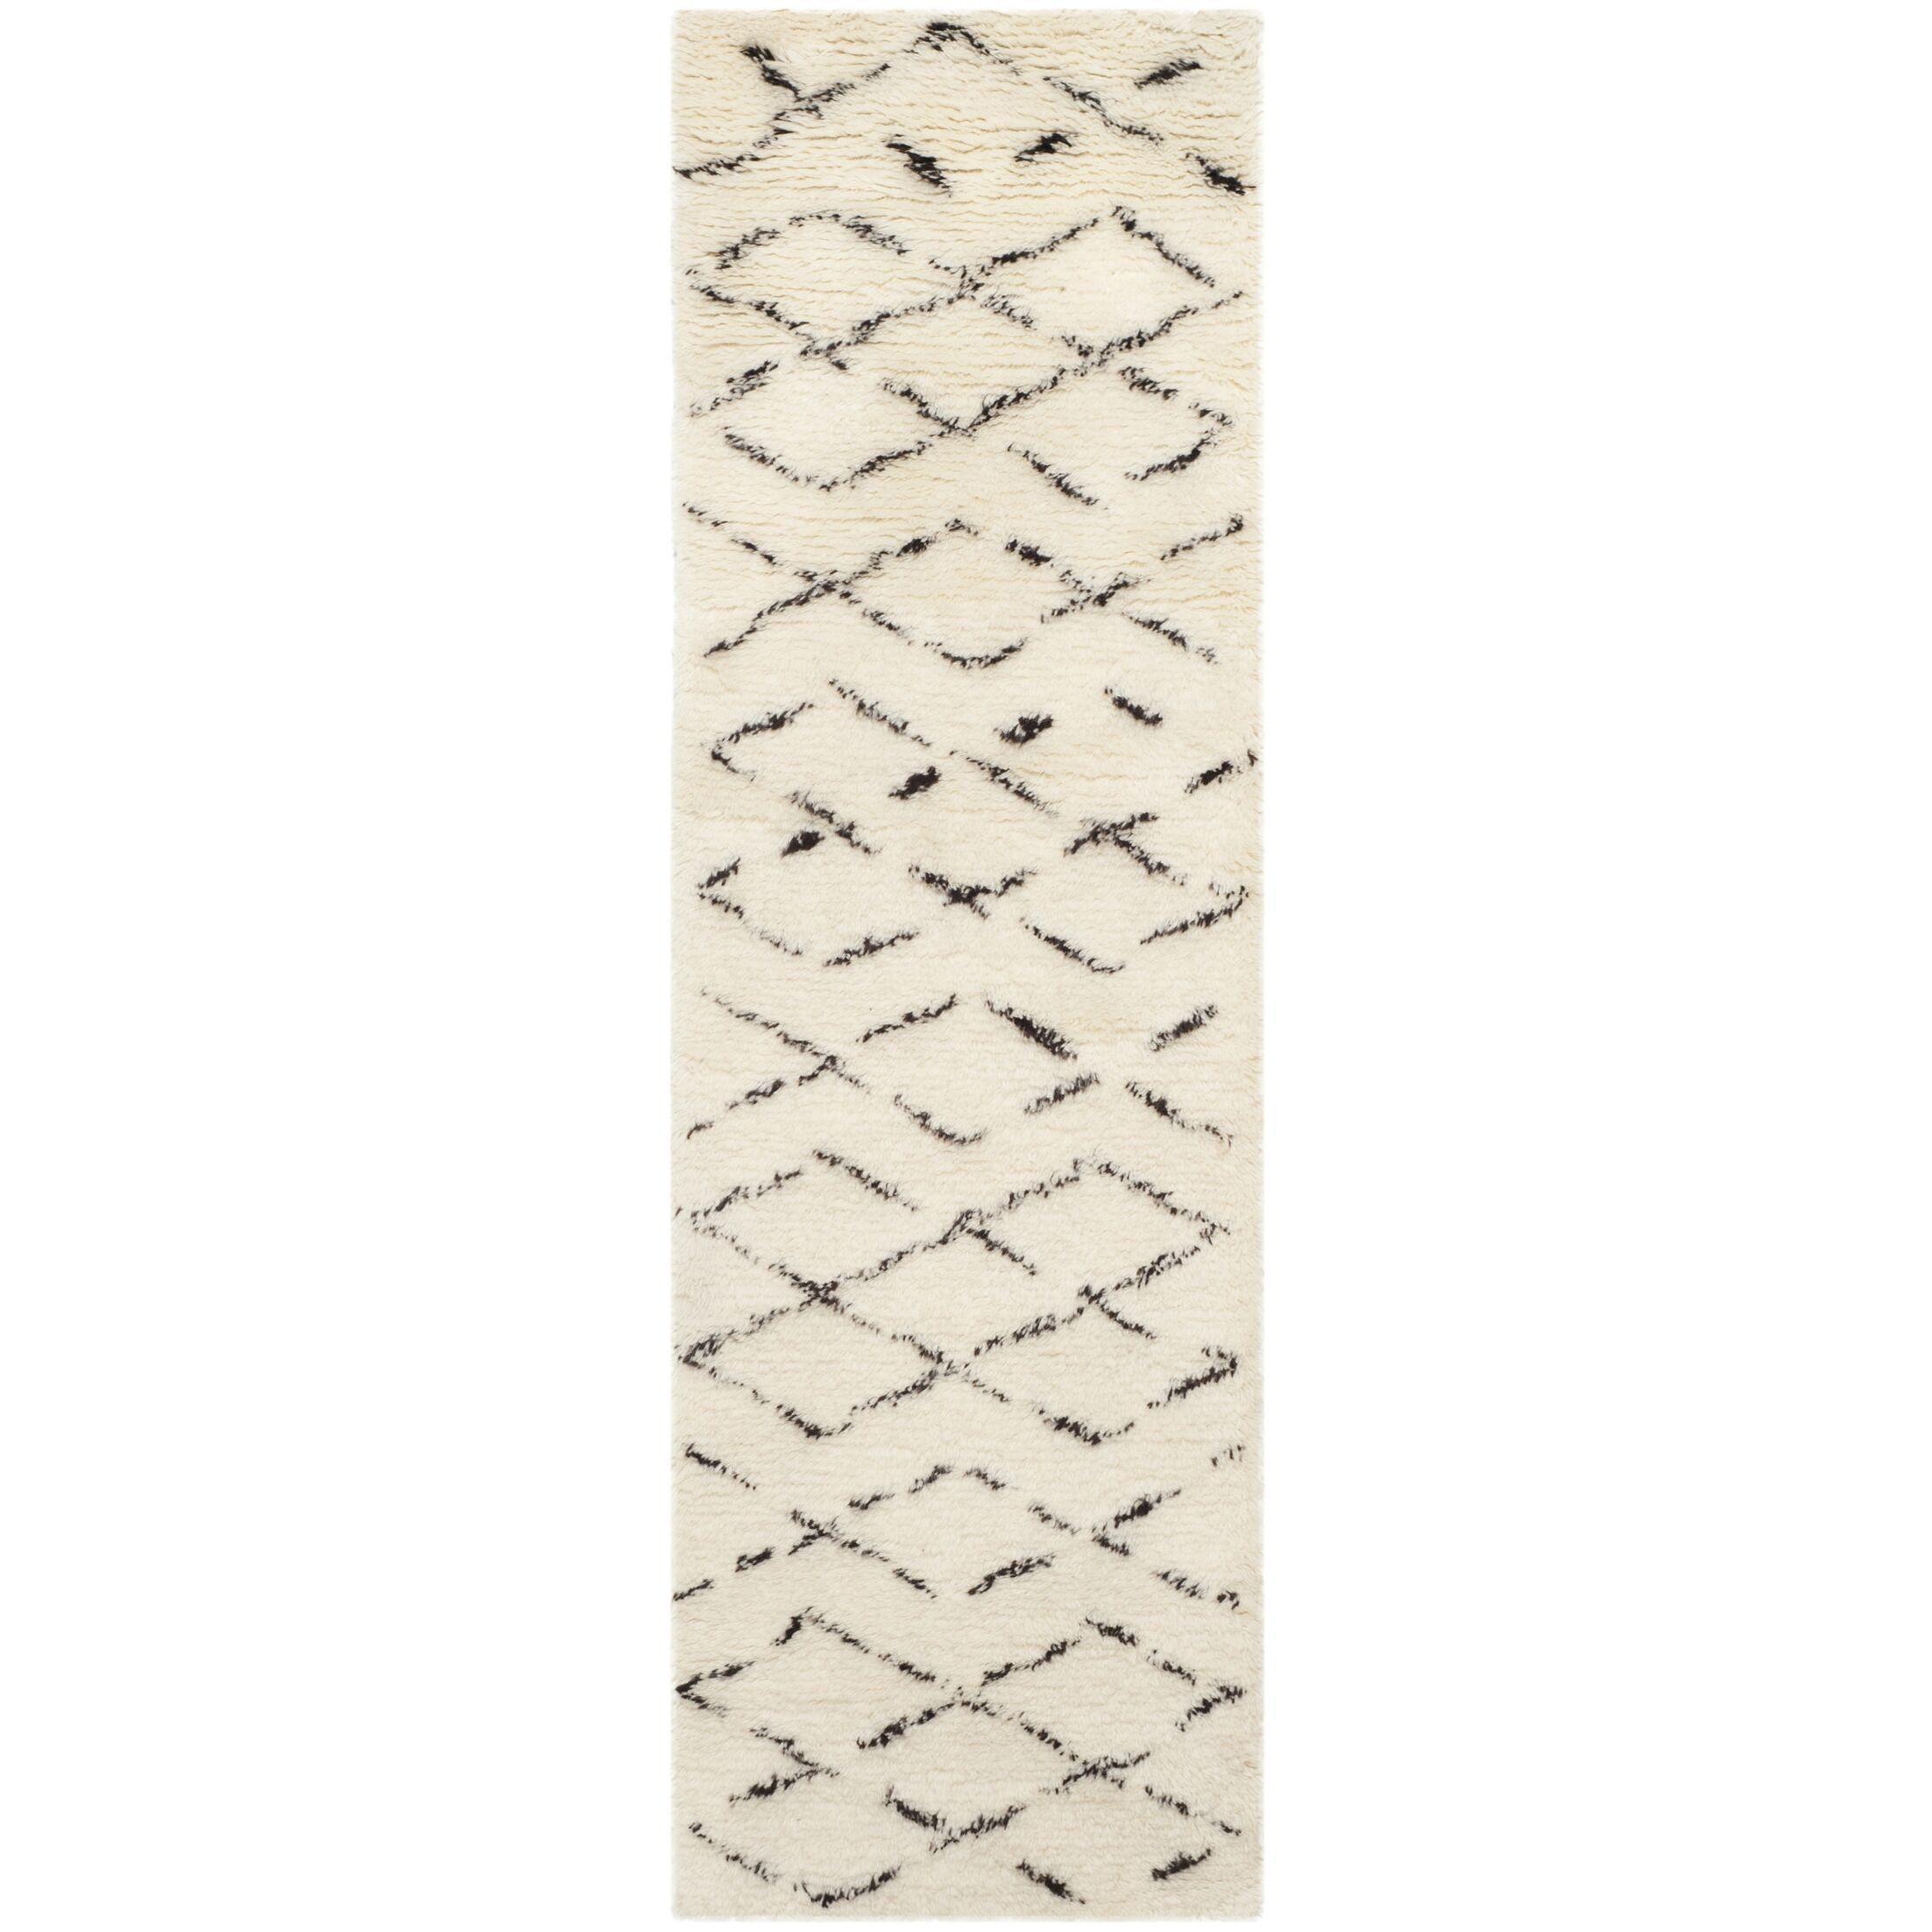 Bermondsey Ivory Shag Area Rug Rug Size: Runner 2'3